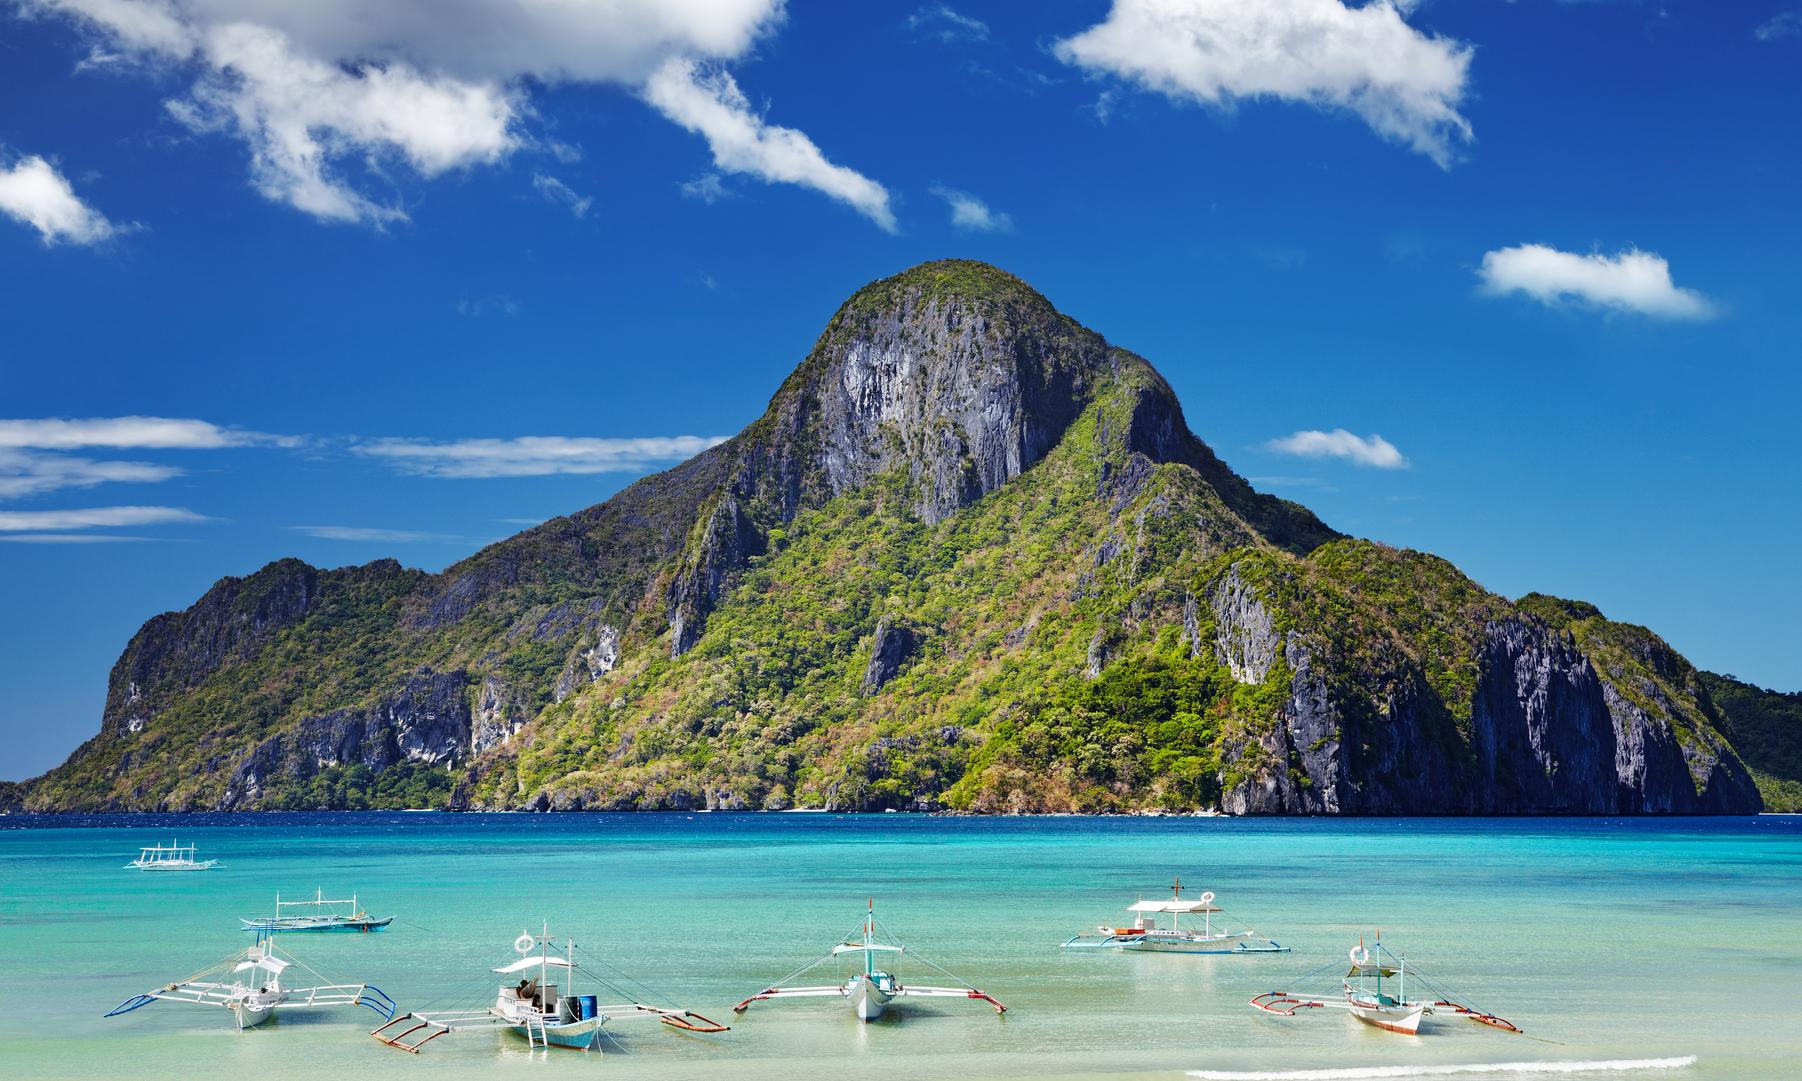 Hành trình khám phá đảo Palawan